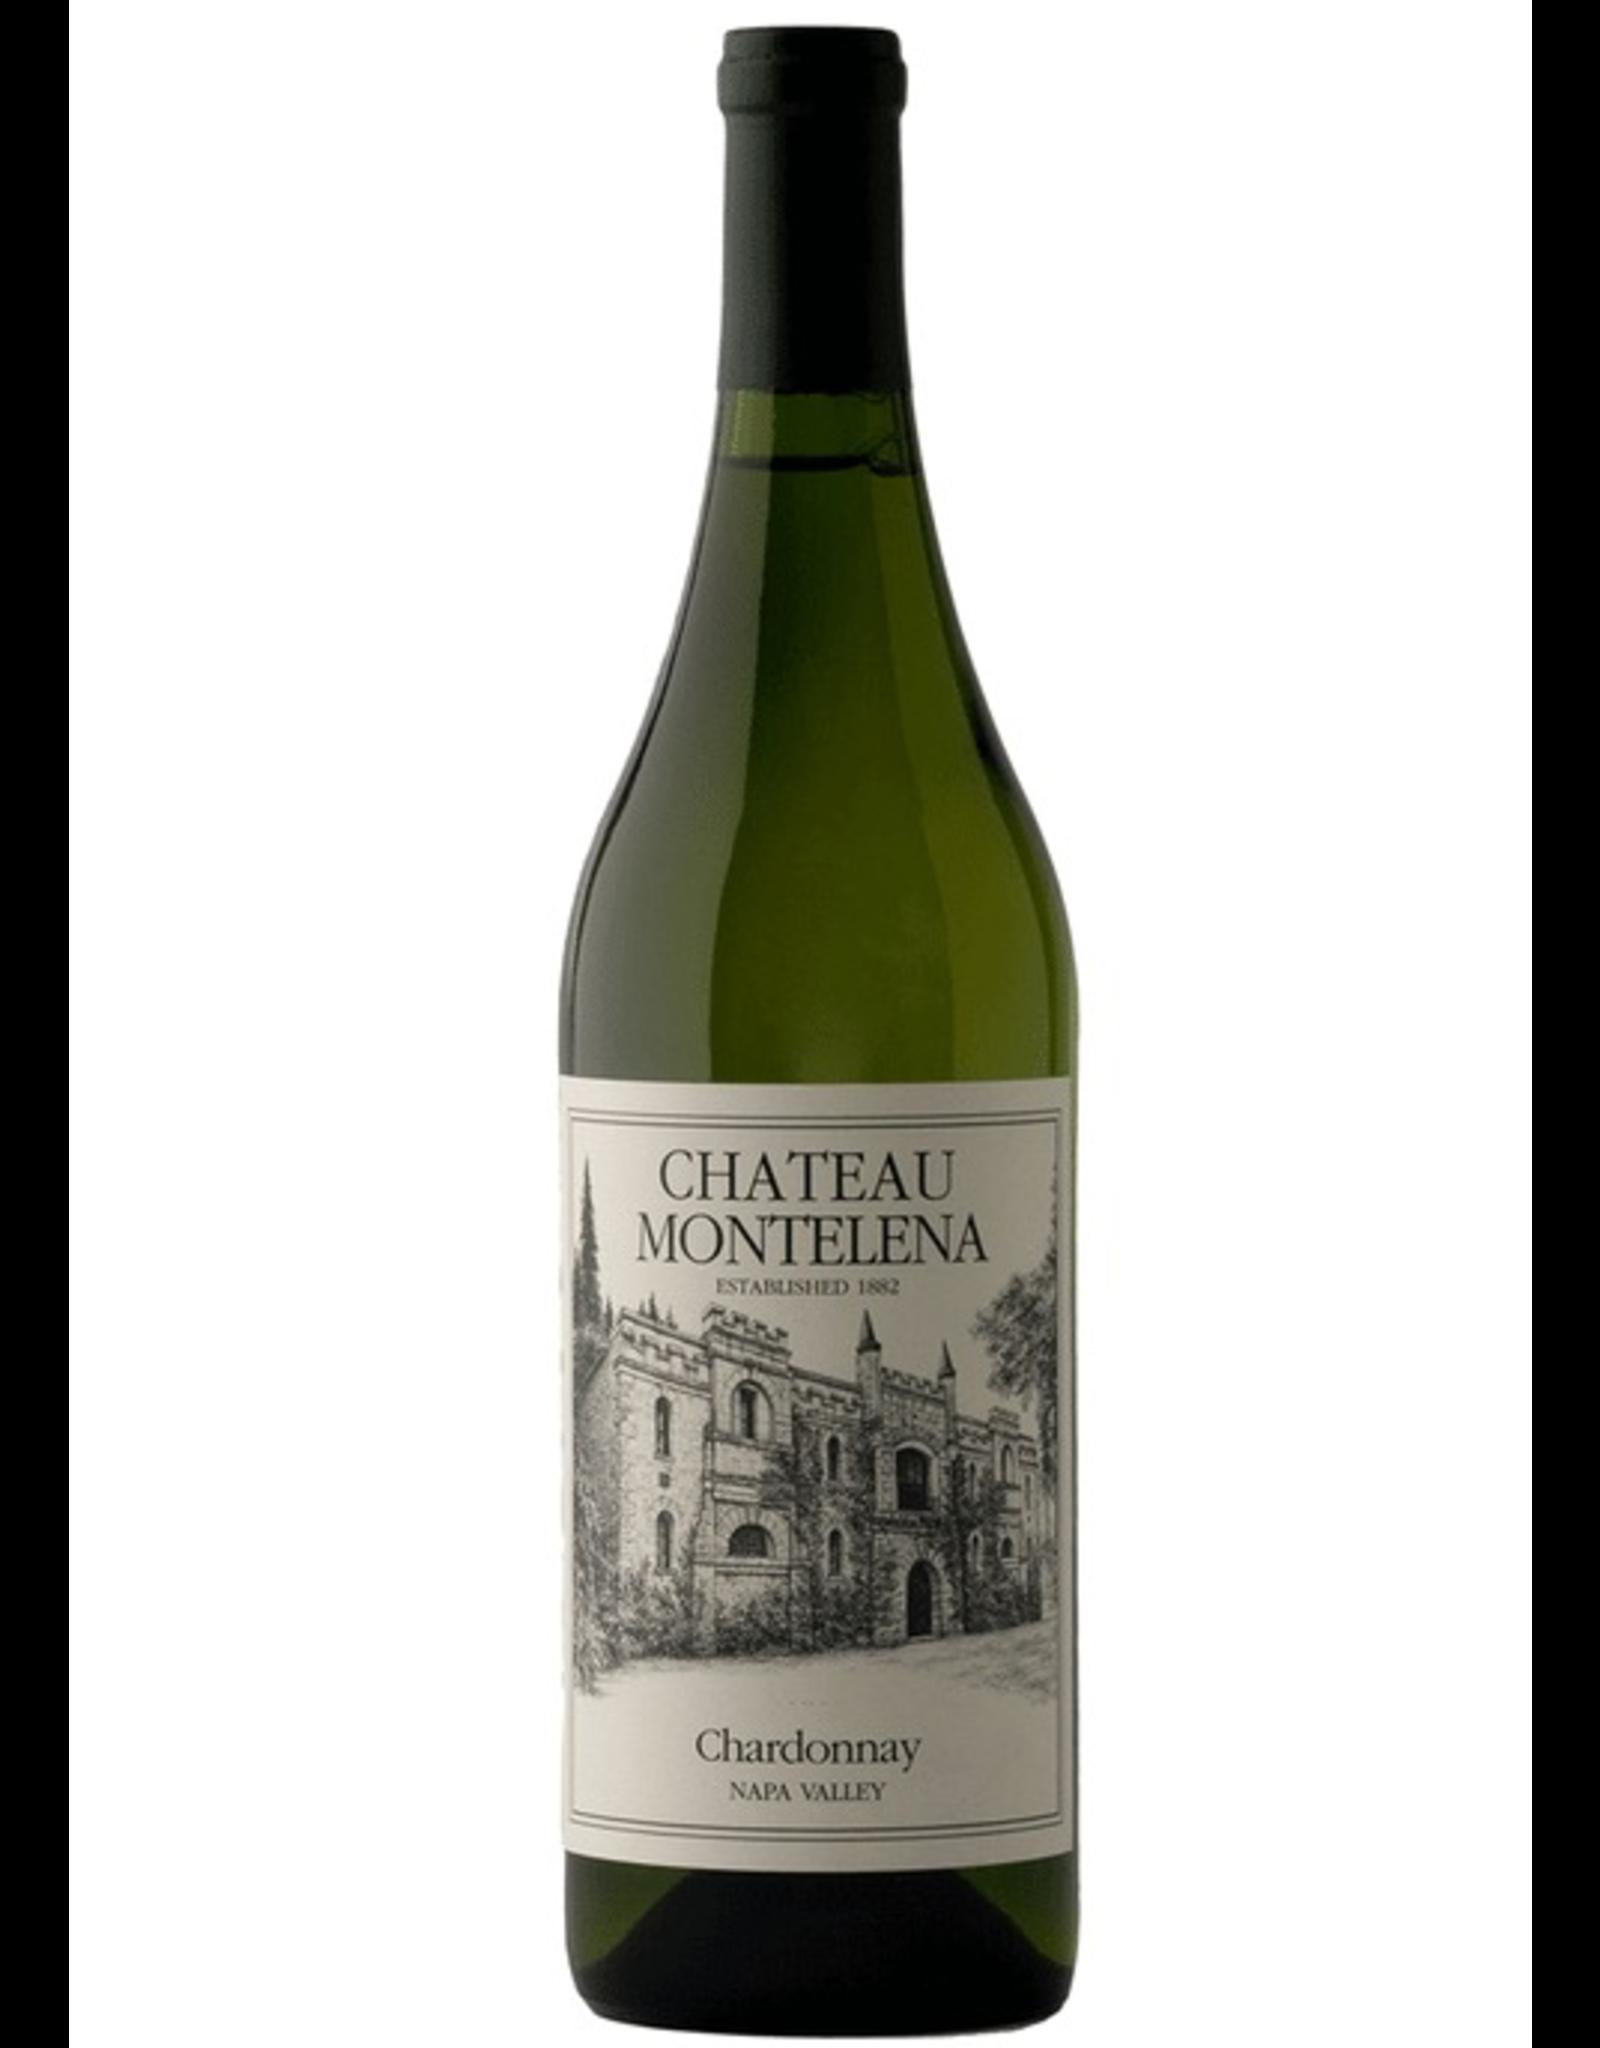 White Wine 2016, Chateau Montelena, Chardonnay, Napa Valley, Napa, California, 13.8% Alc, CTnr, TW94